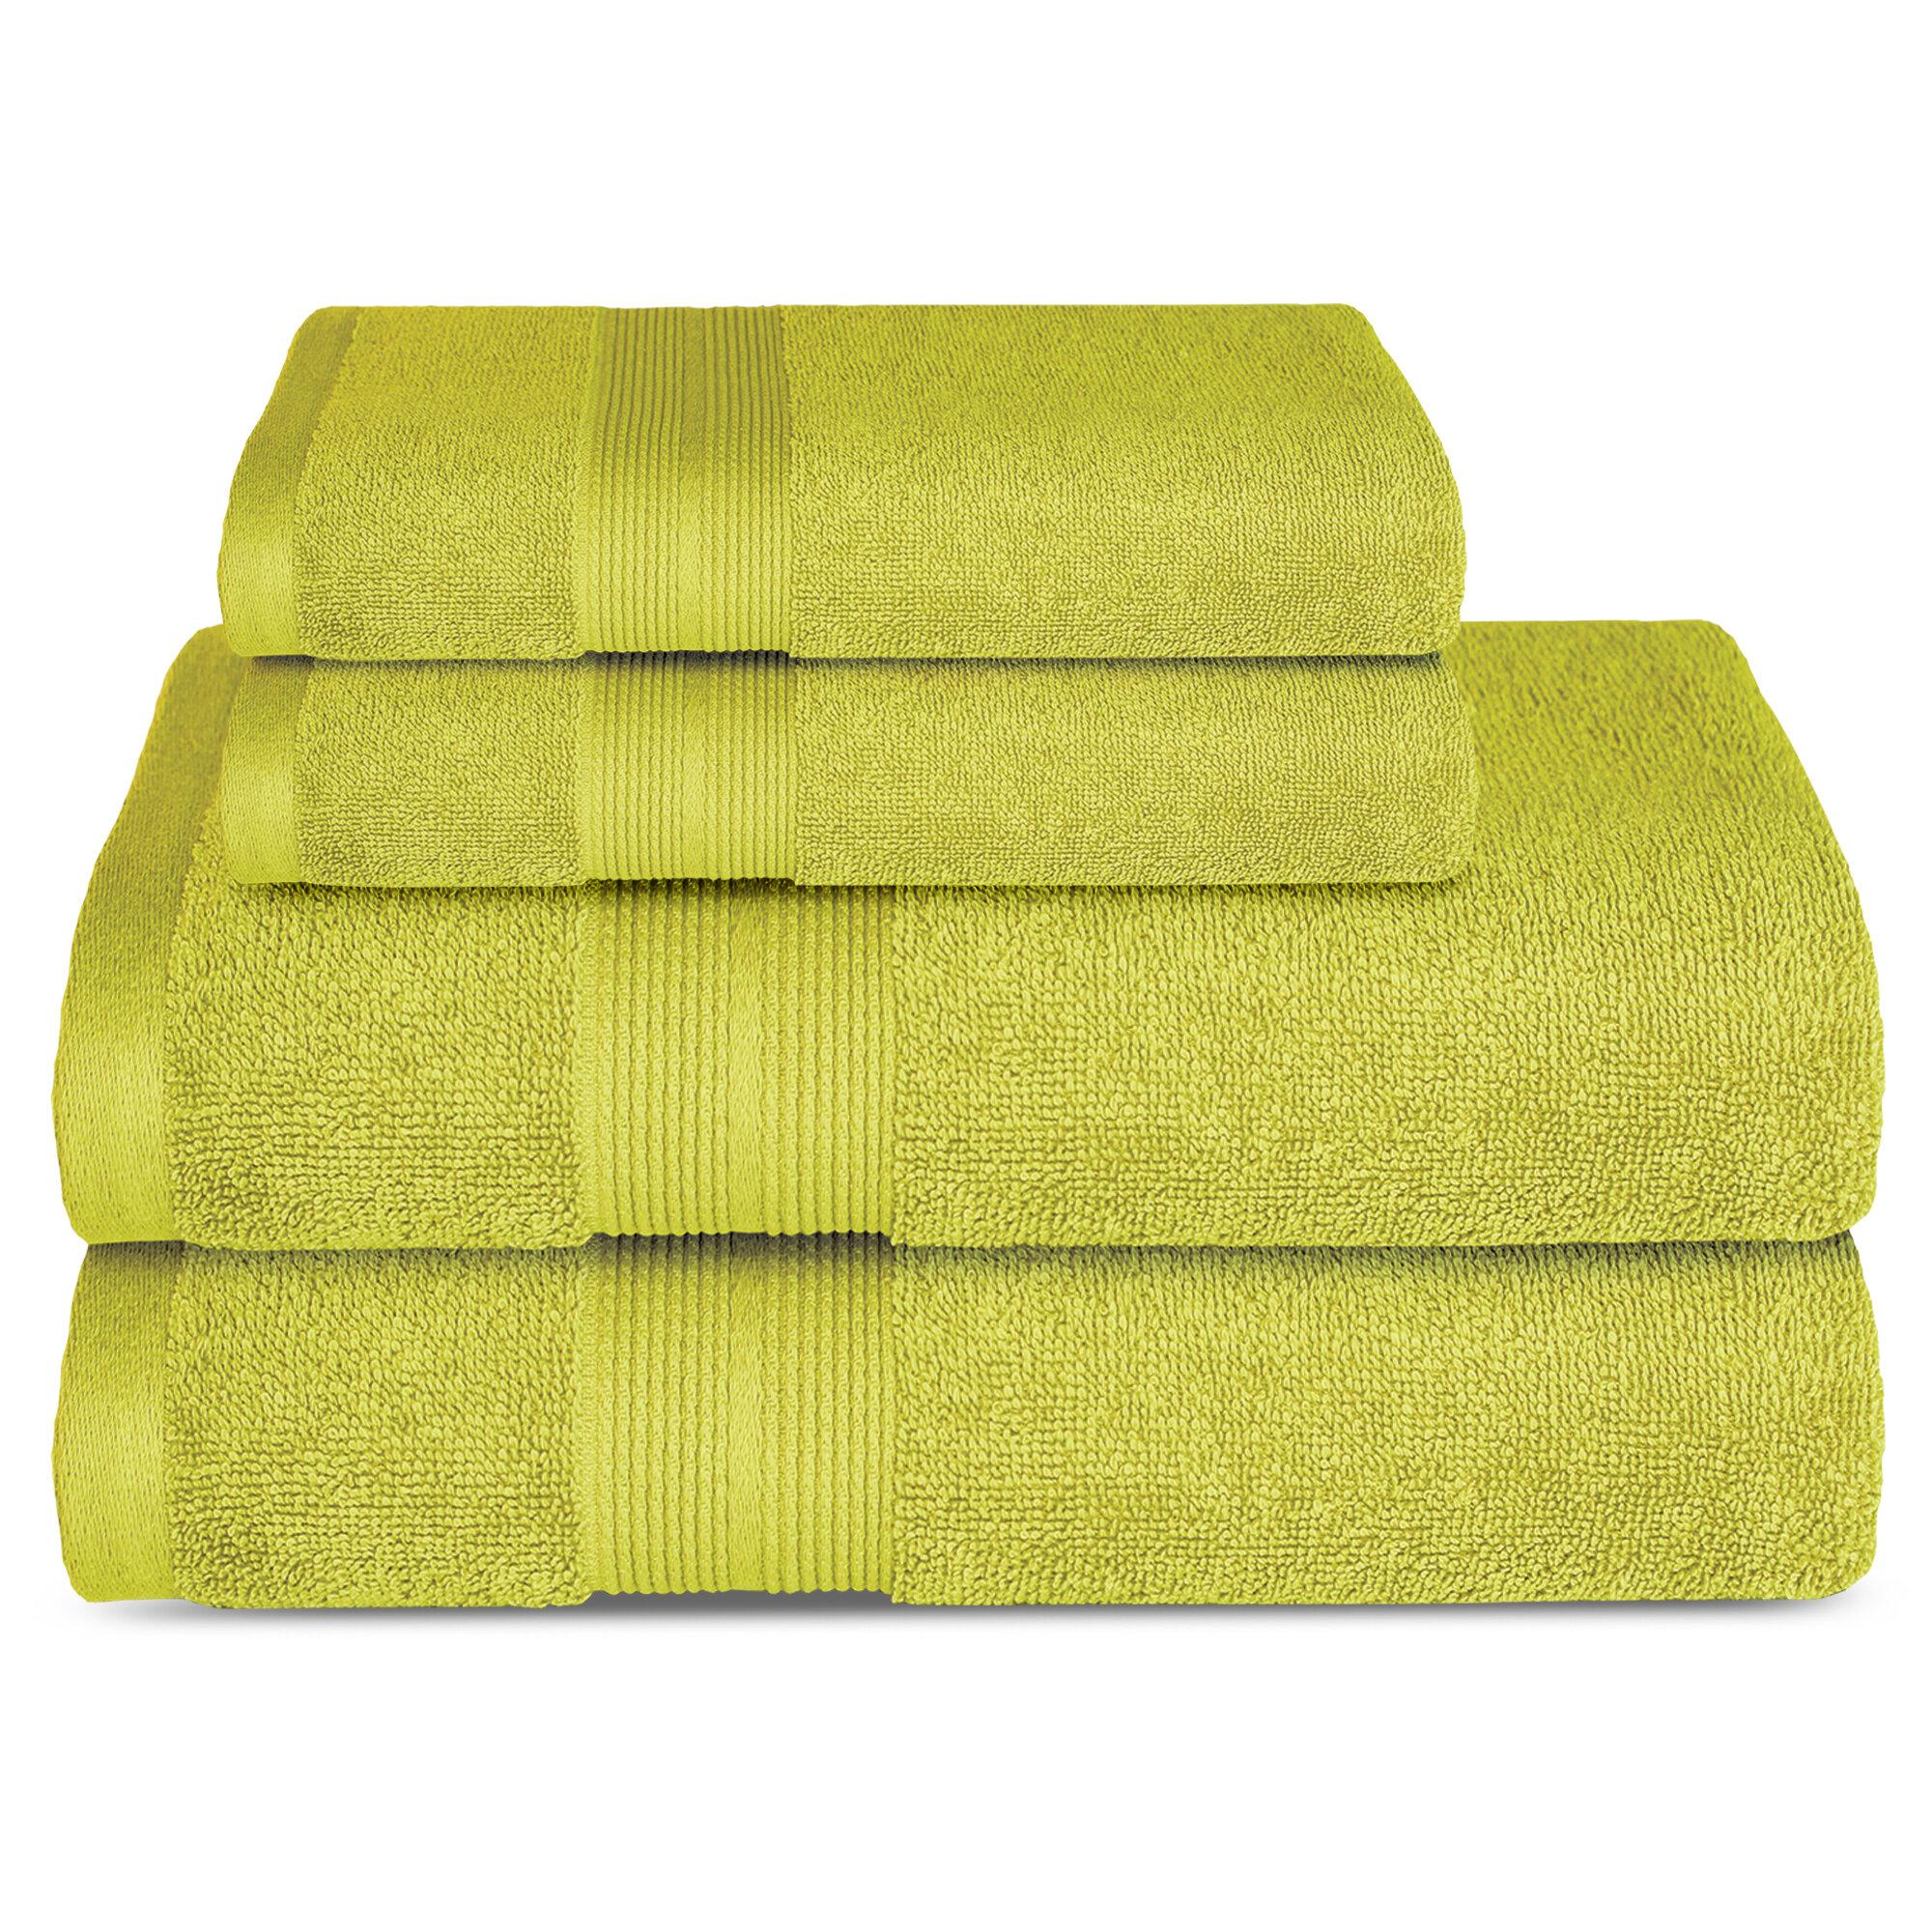 Lavish Touch 4 Piece 100 Cotton Towel Set Wayfair